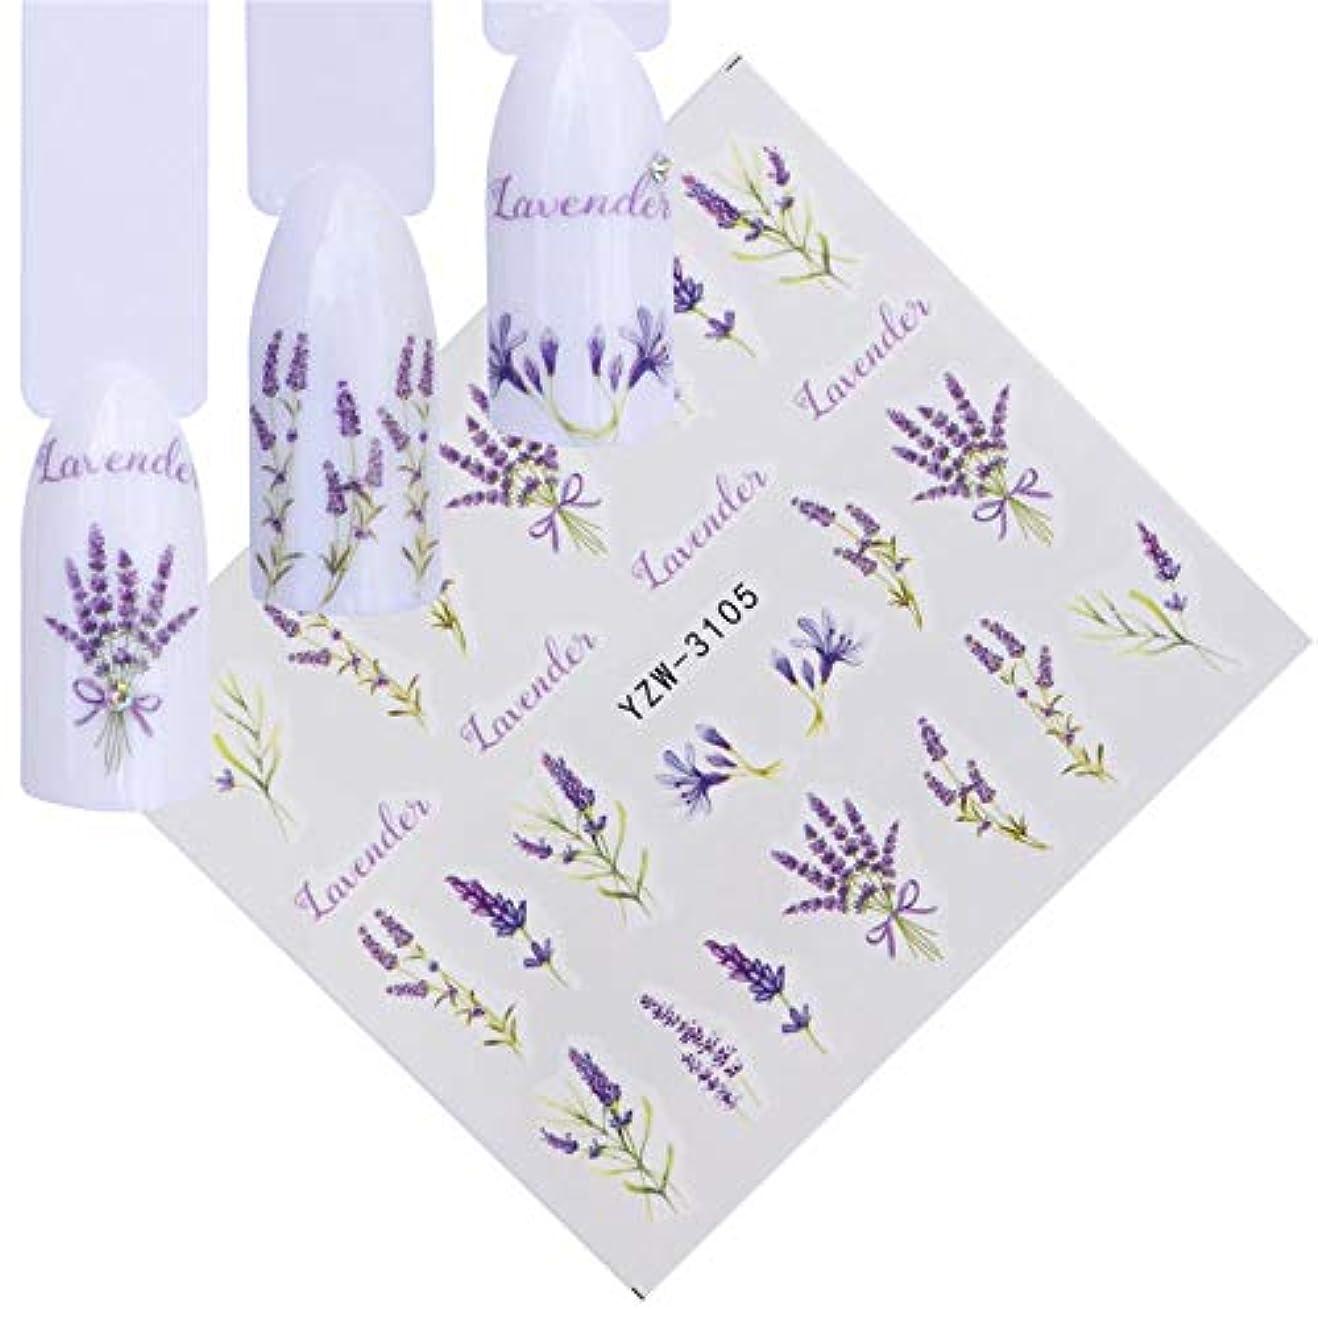 品種事務所グローブSUKTI&XIAO ネイルステッカー 装飾スライダー、Yzw-3105のための美のスライダーの釘水ステッカーの花の咲く多彩なイメージの釘の芸術のステッカー